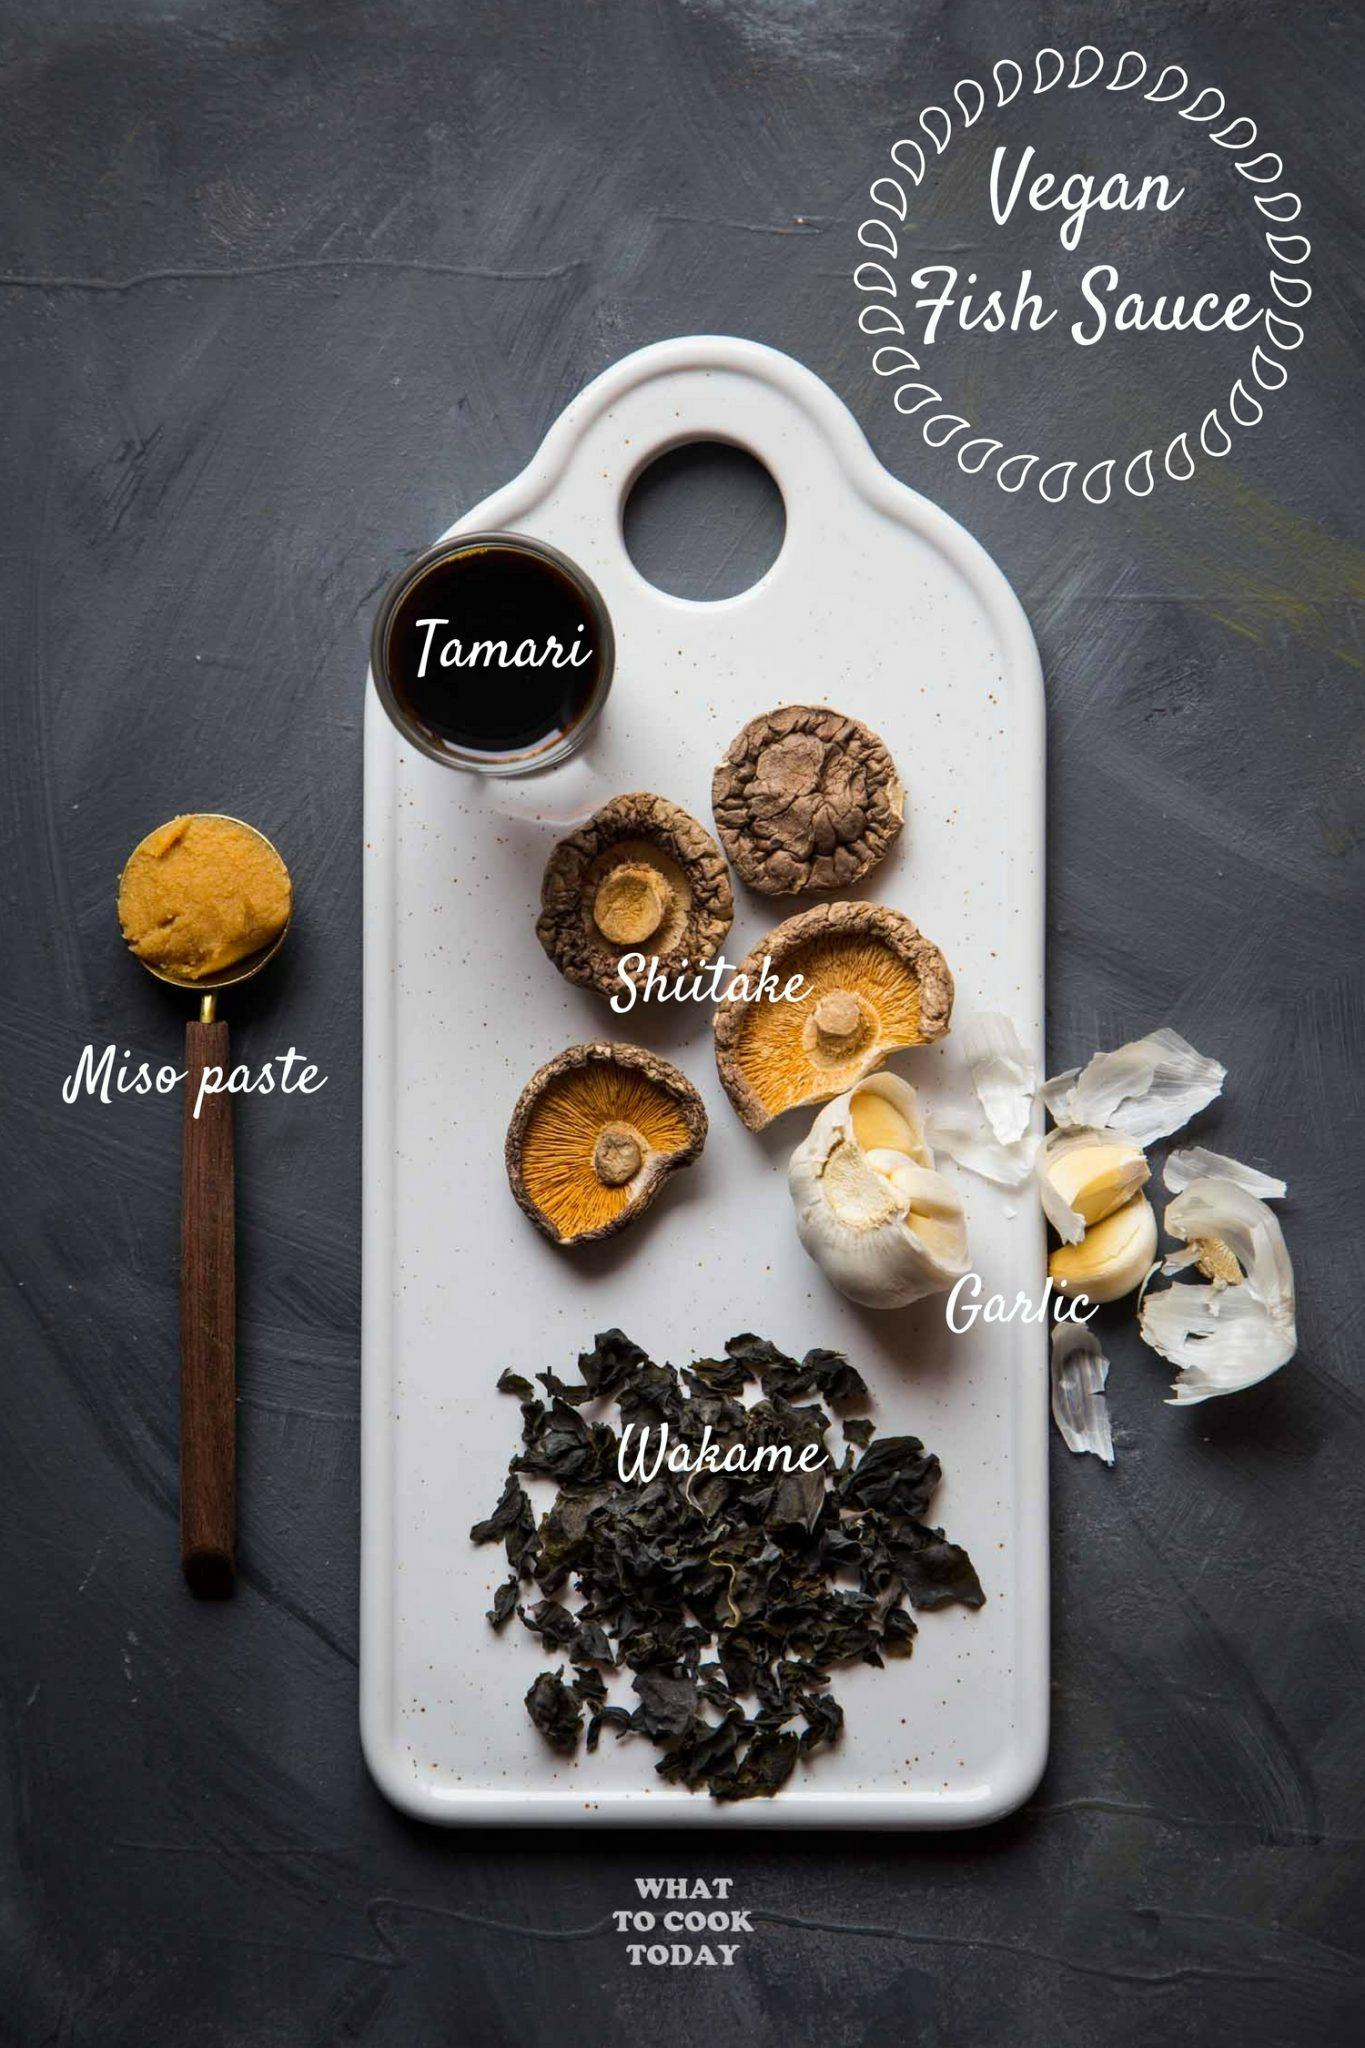 How To Make Vegan Fish Sauce #glutenfree #vegan #fishsauce #umami